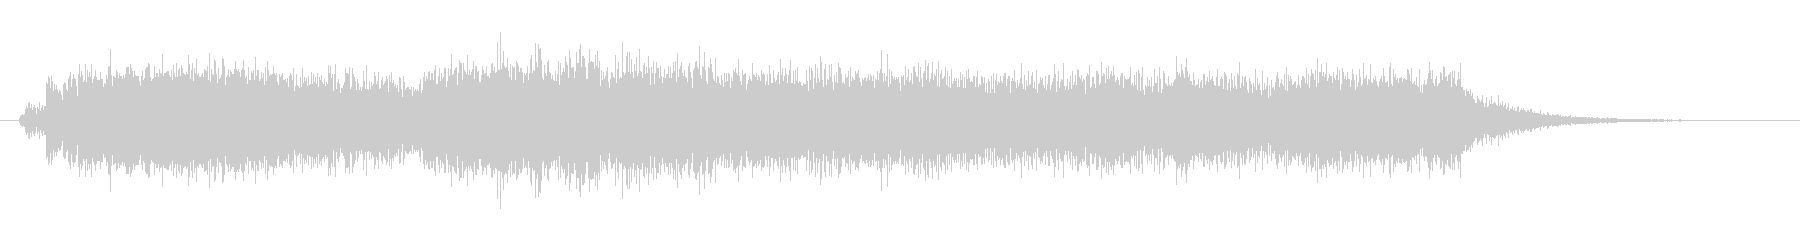 オーケストラでジャジャン ジャジャン6の未再生の波形